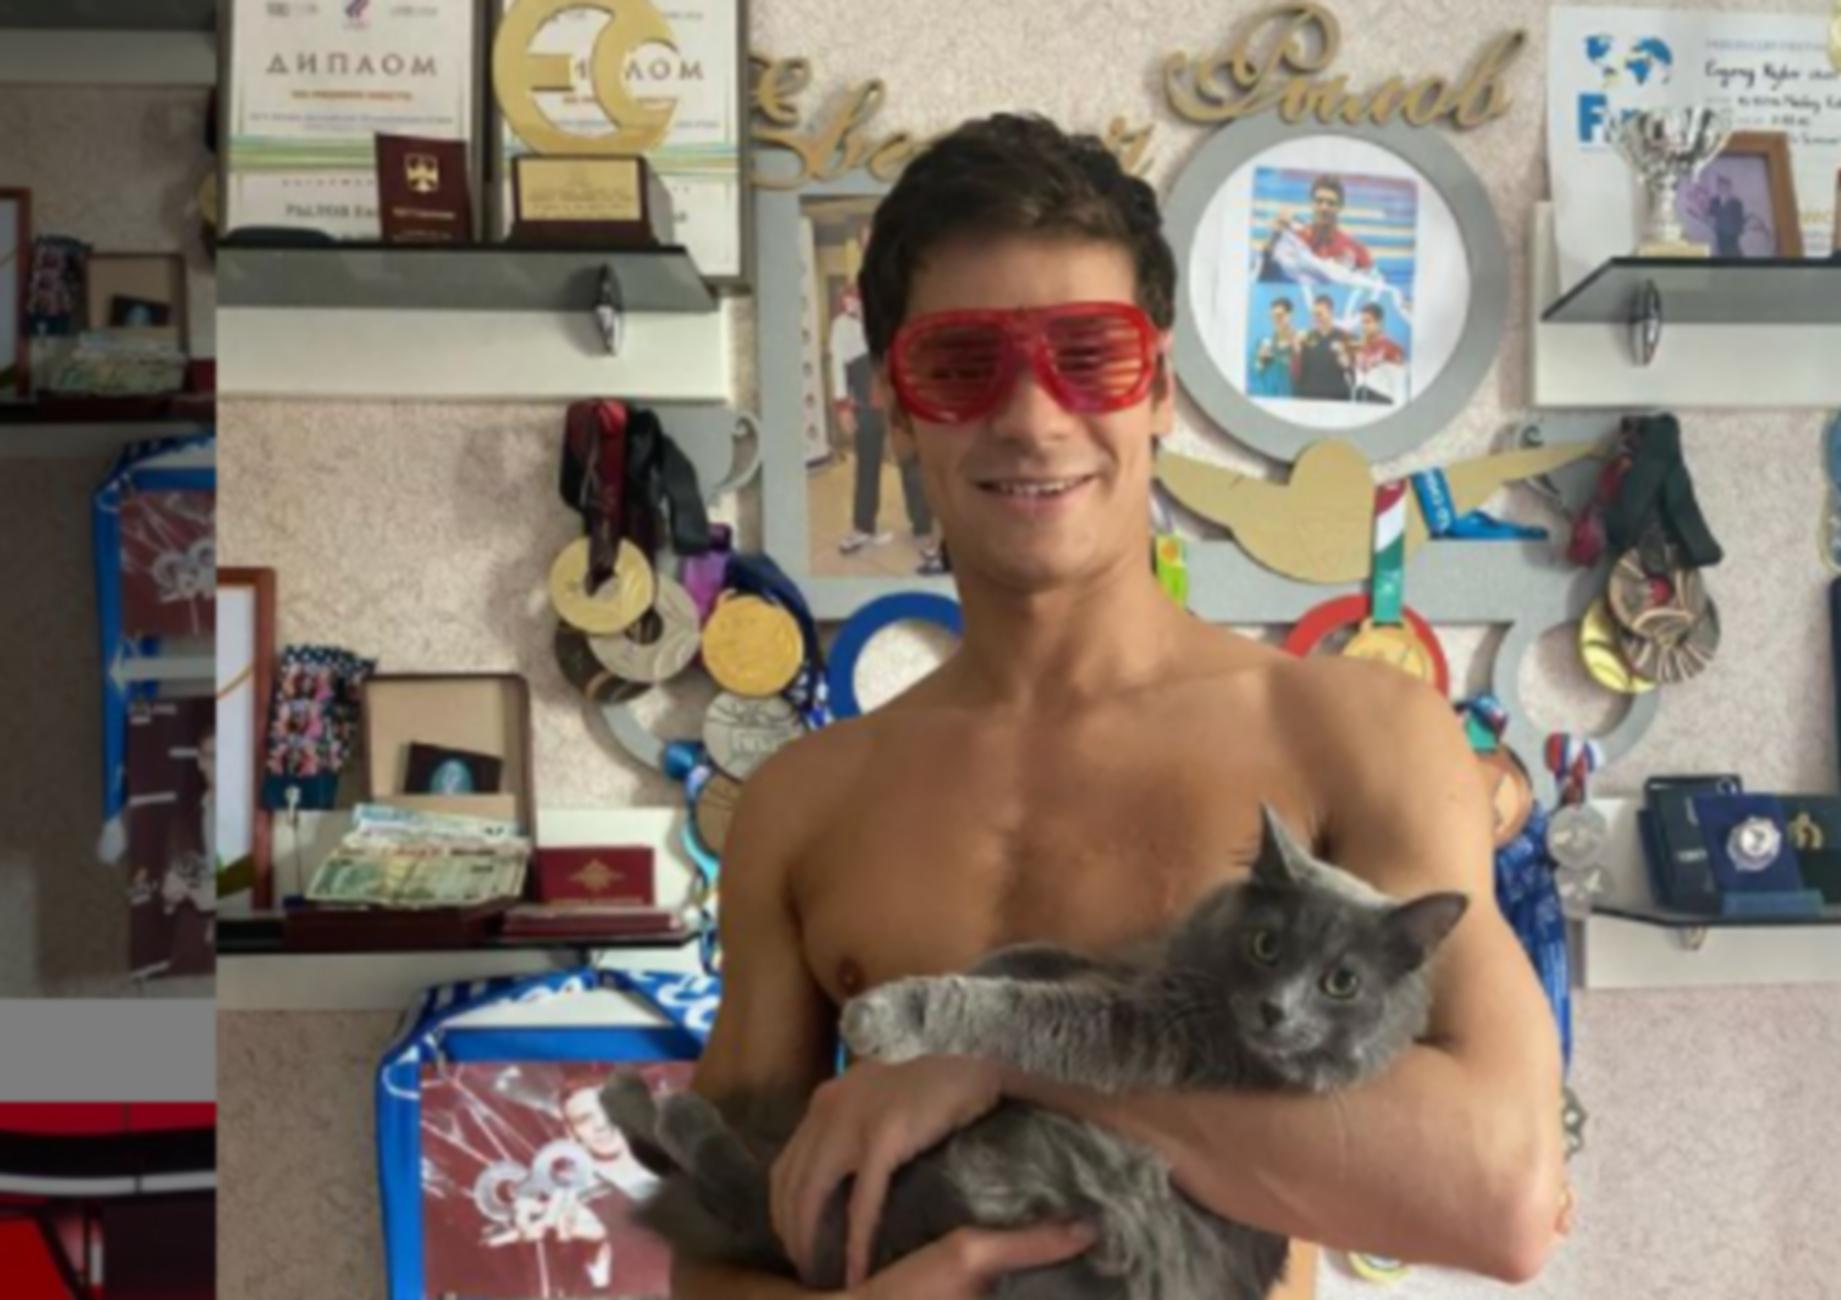 Ολυμπιακοί Αγώνες: Αθλητής ζήτησε να πάρει το χρυσό μετάλλιο φορώντας μάσκα γάτας